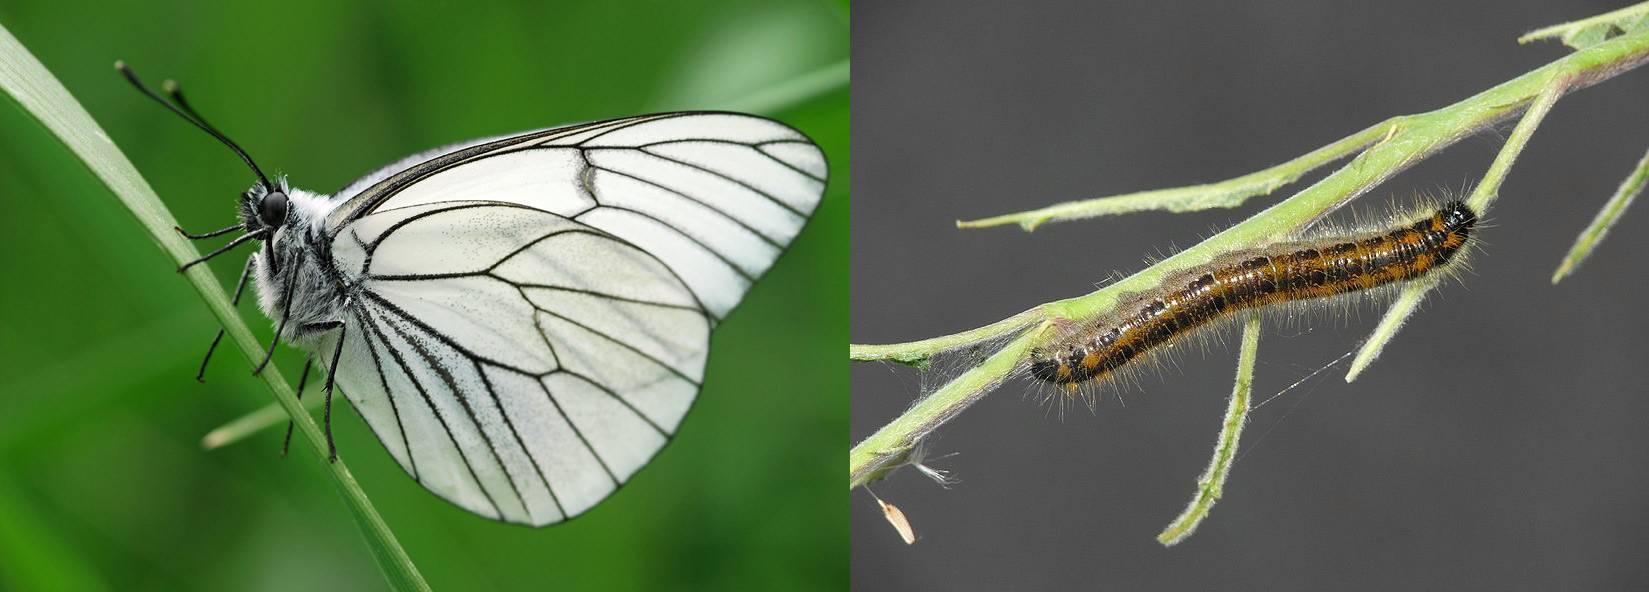 Как избавиться от совки на участке: виды, наносимый вред, обзор лучших способов борьбы с вредителем, их плюсы и минусы